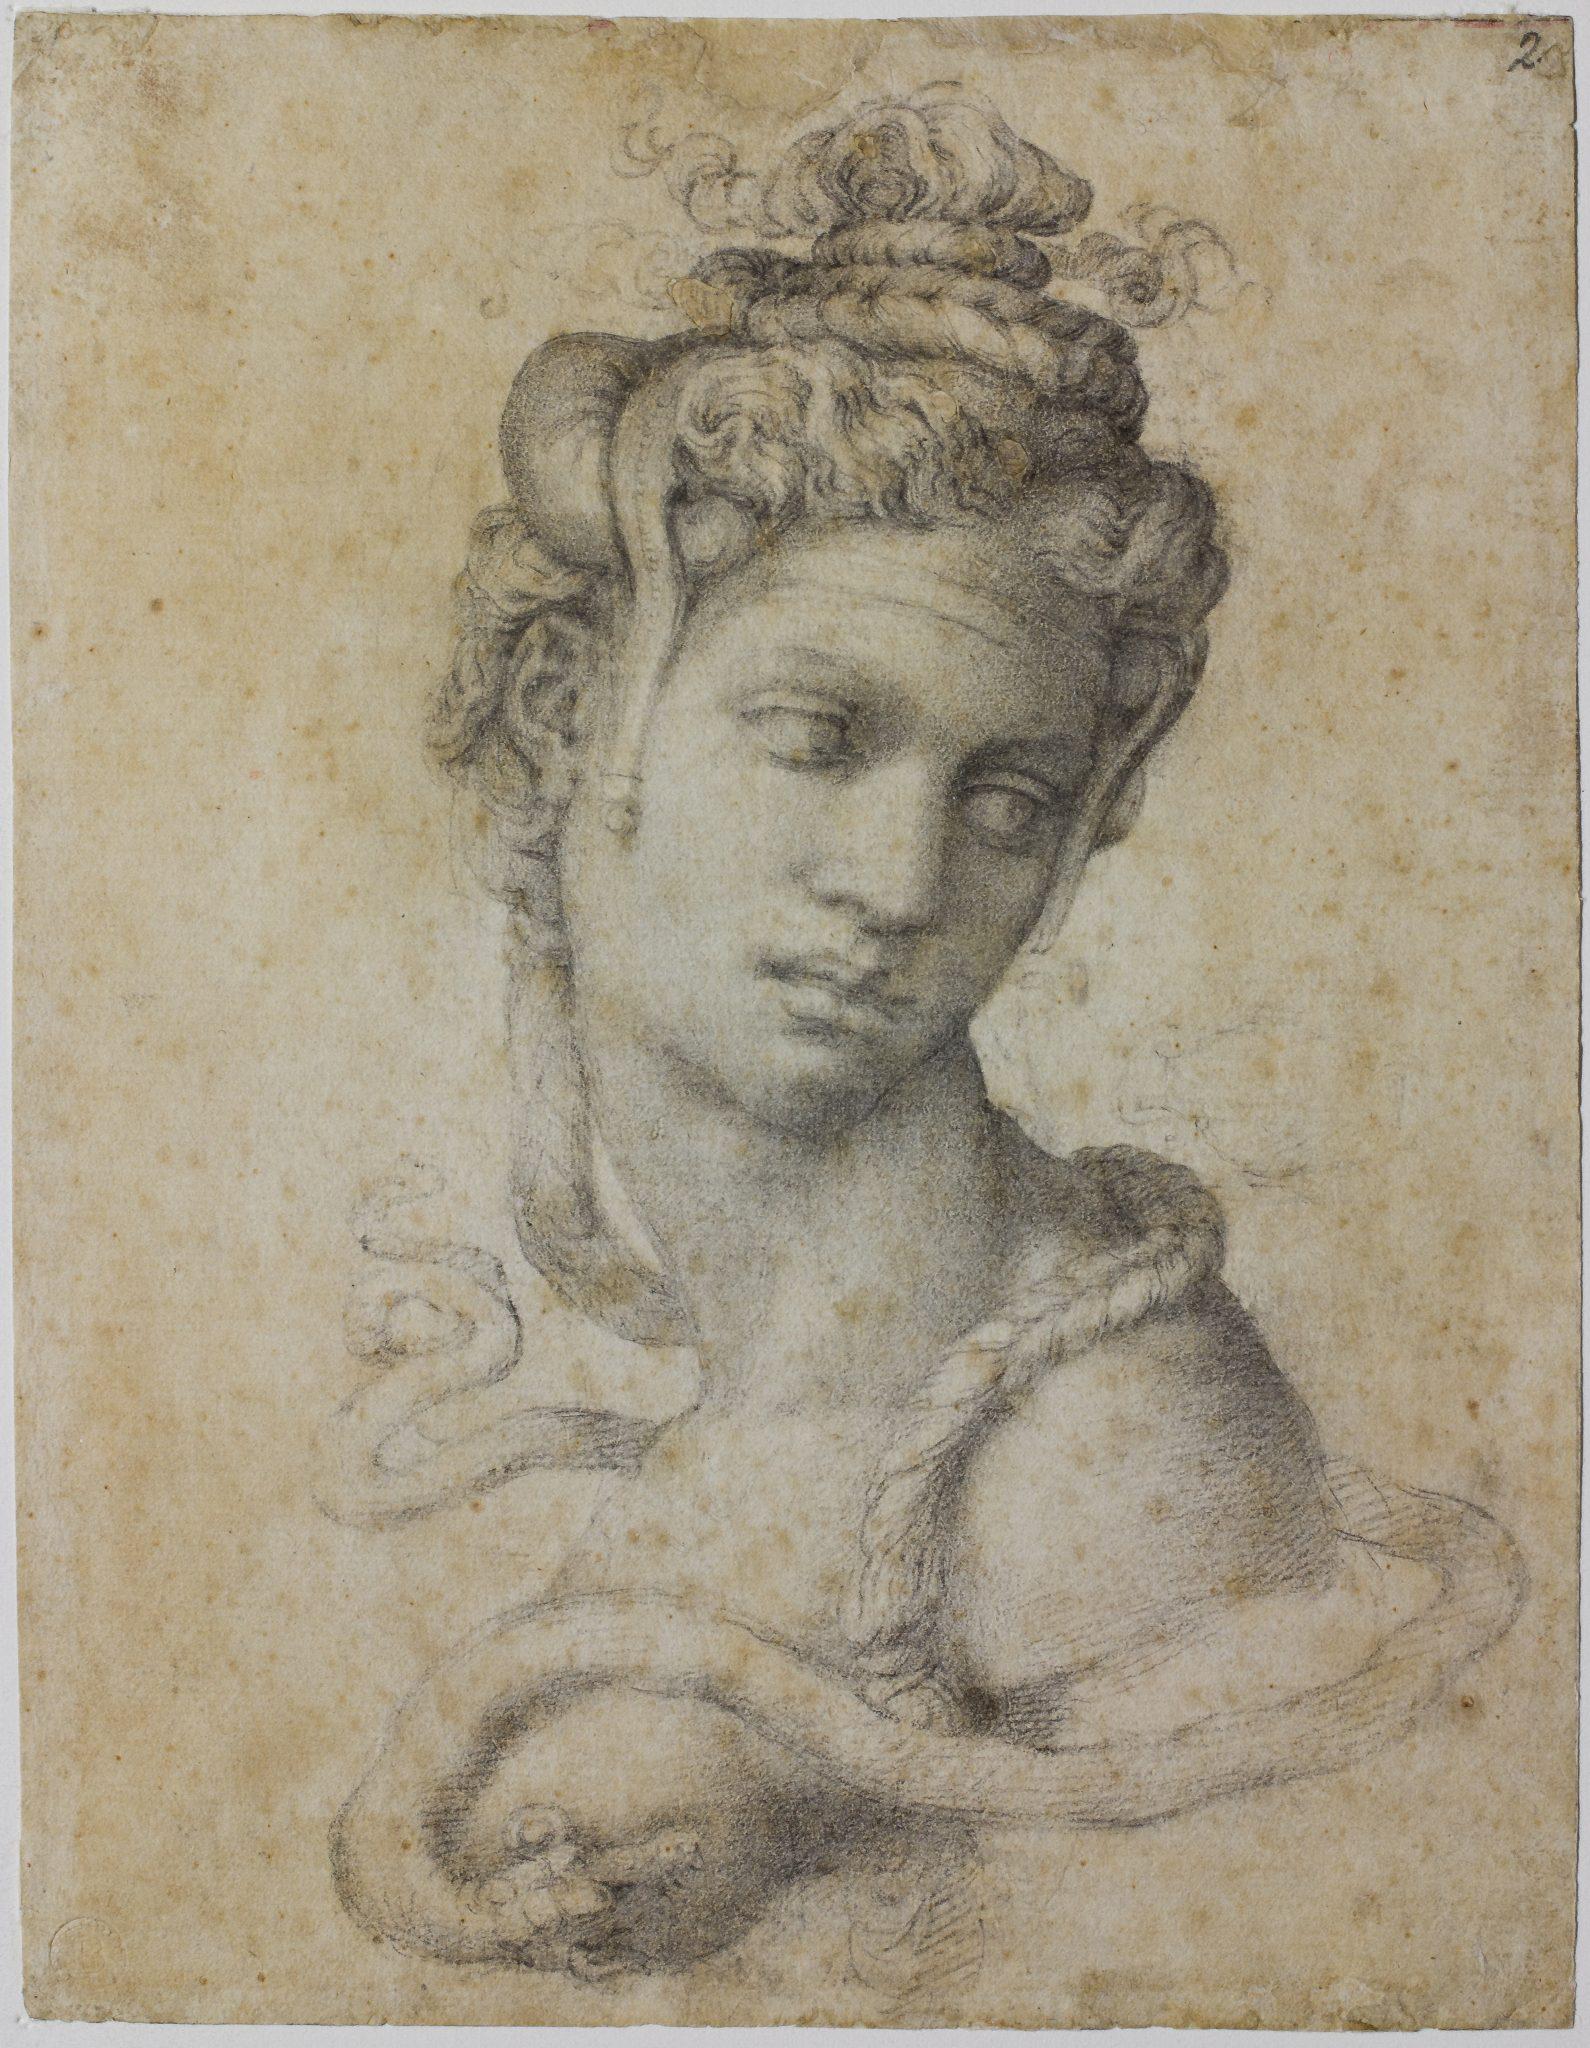 Michelangelo. Capolavori ritrovati in mostra ai Musei Capitolini